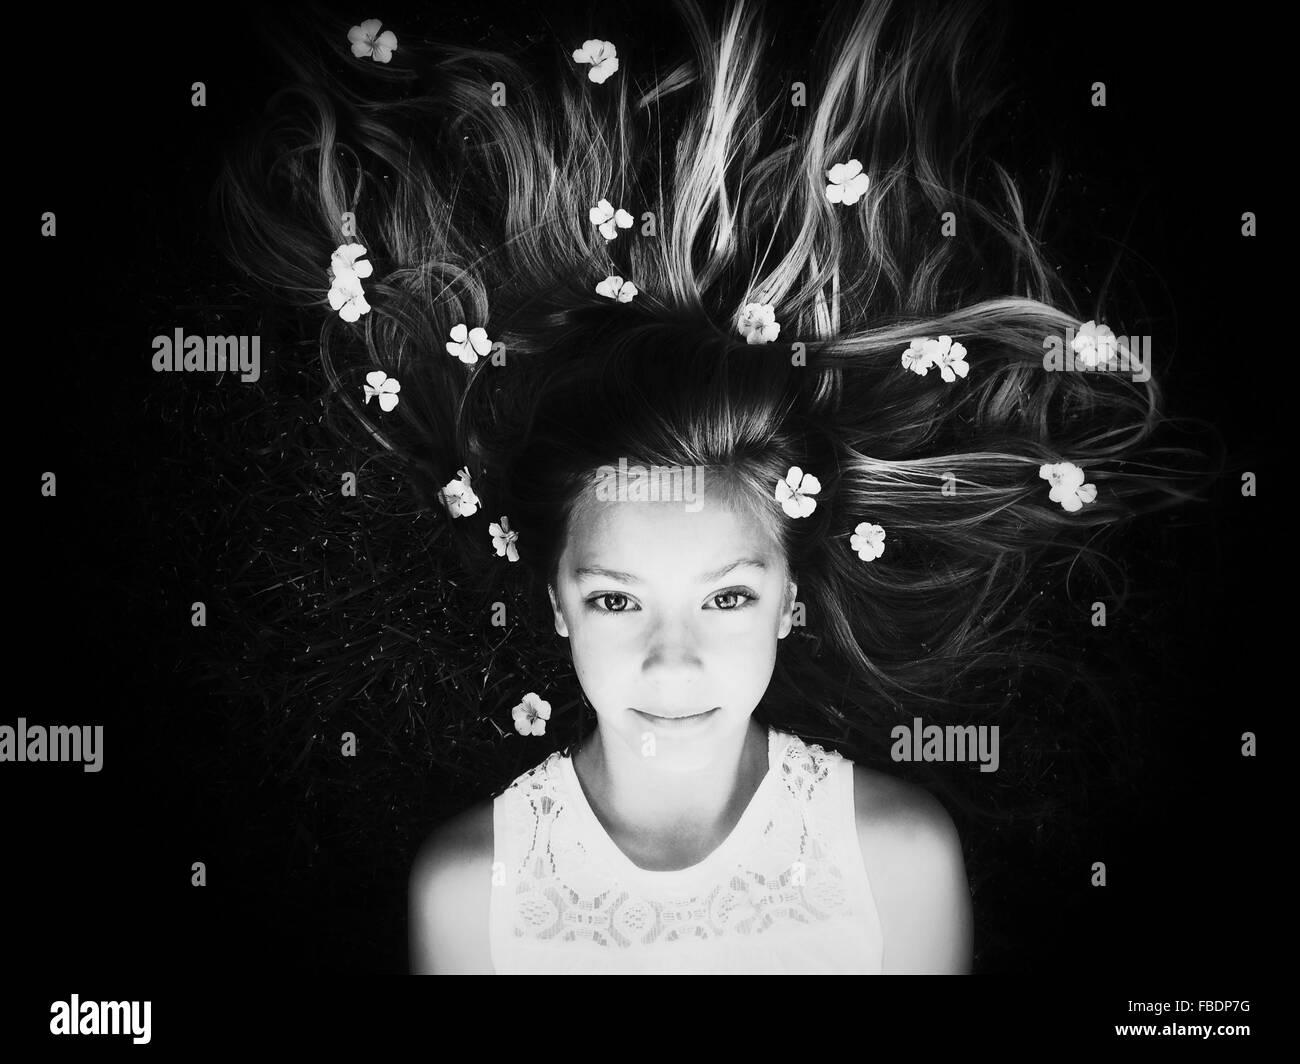 Porträt von Mädchen liegend mit Blumen im Haar Stockbild